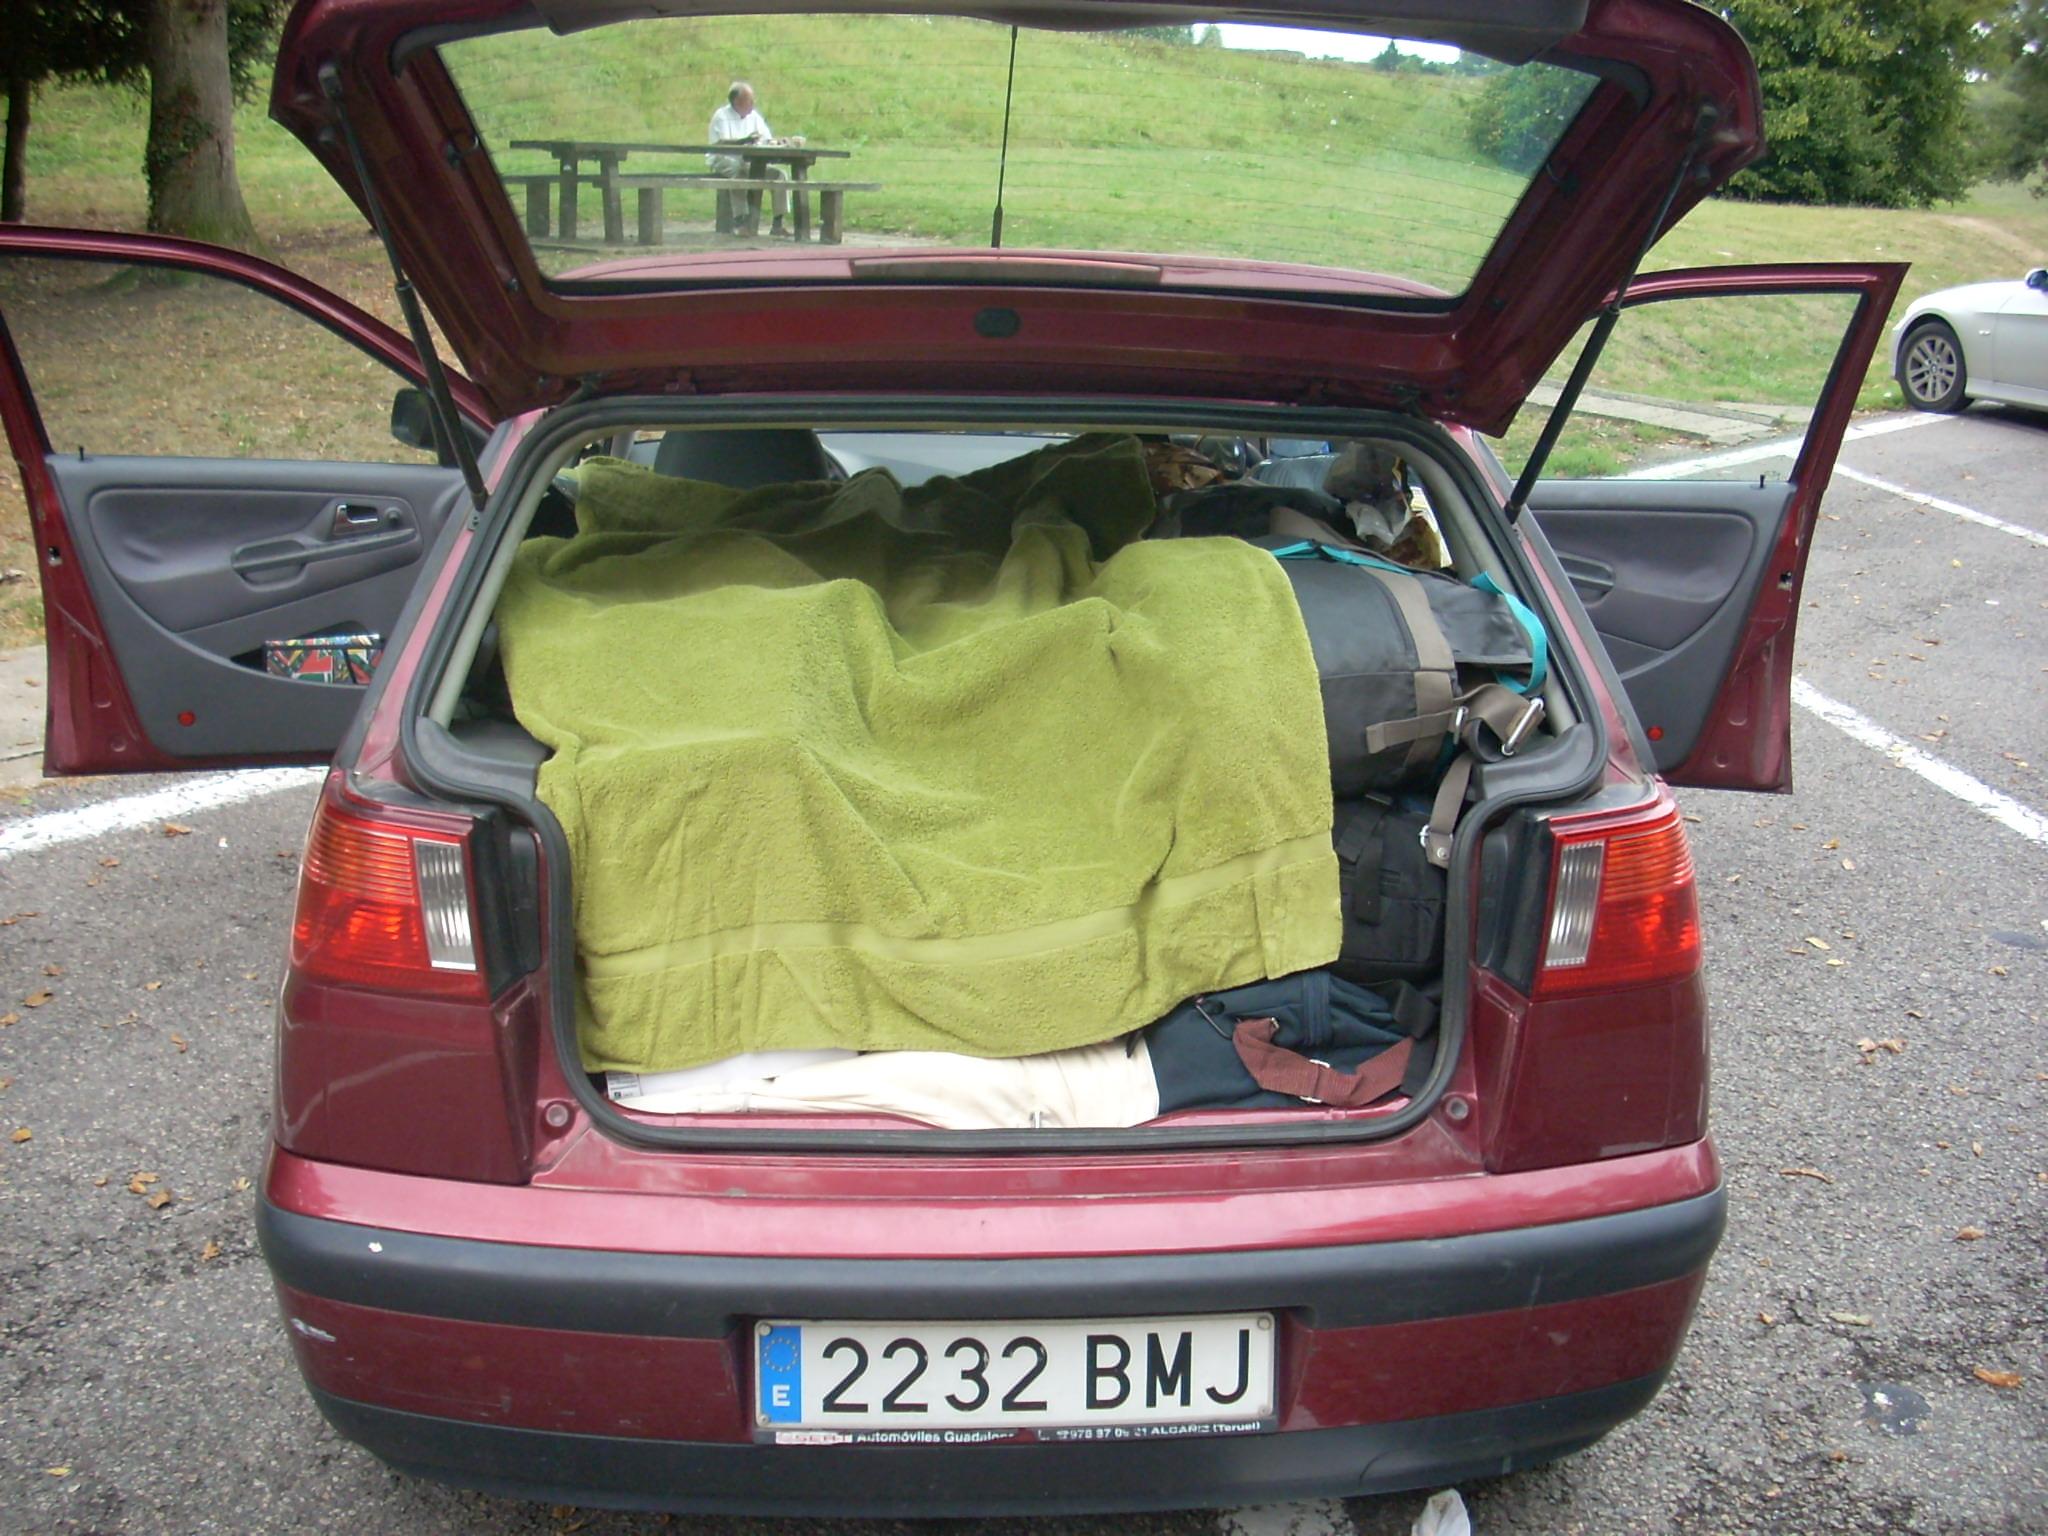 I la càrrega del cotxe...